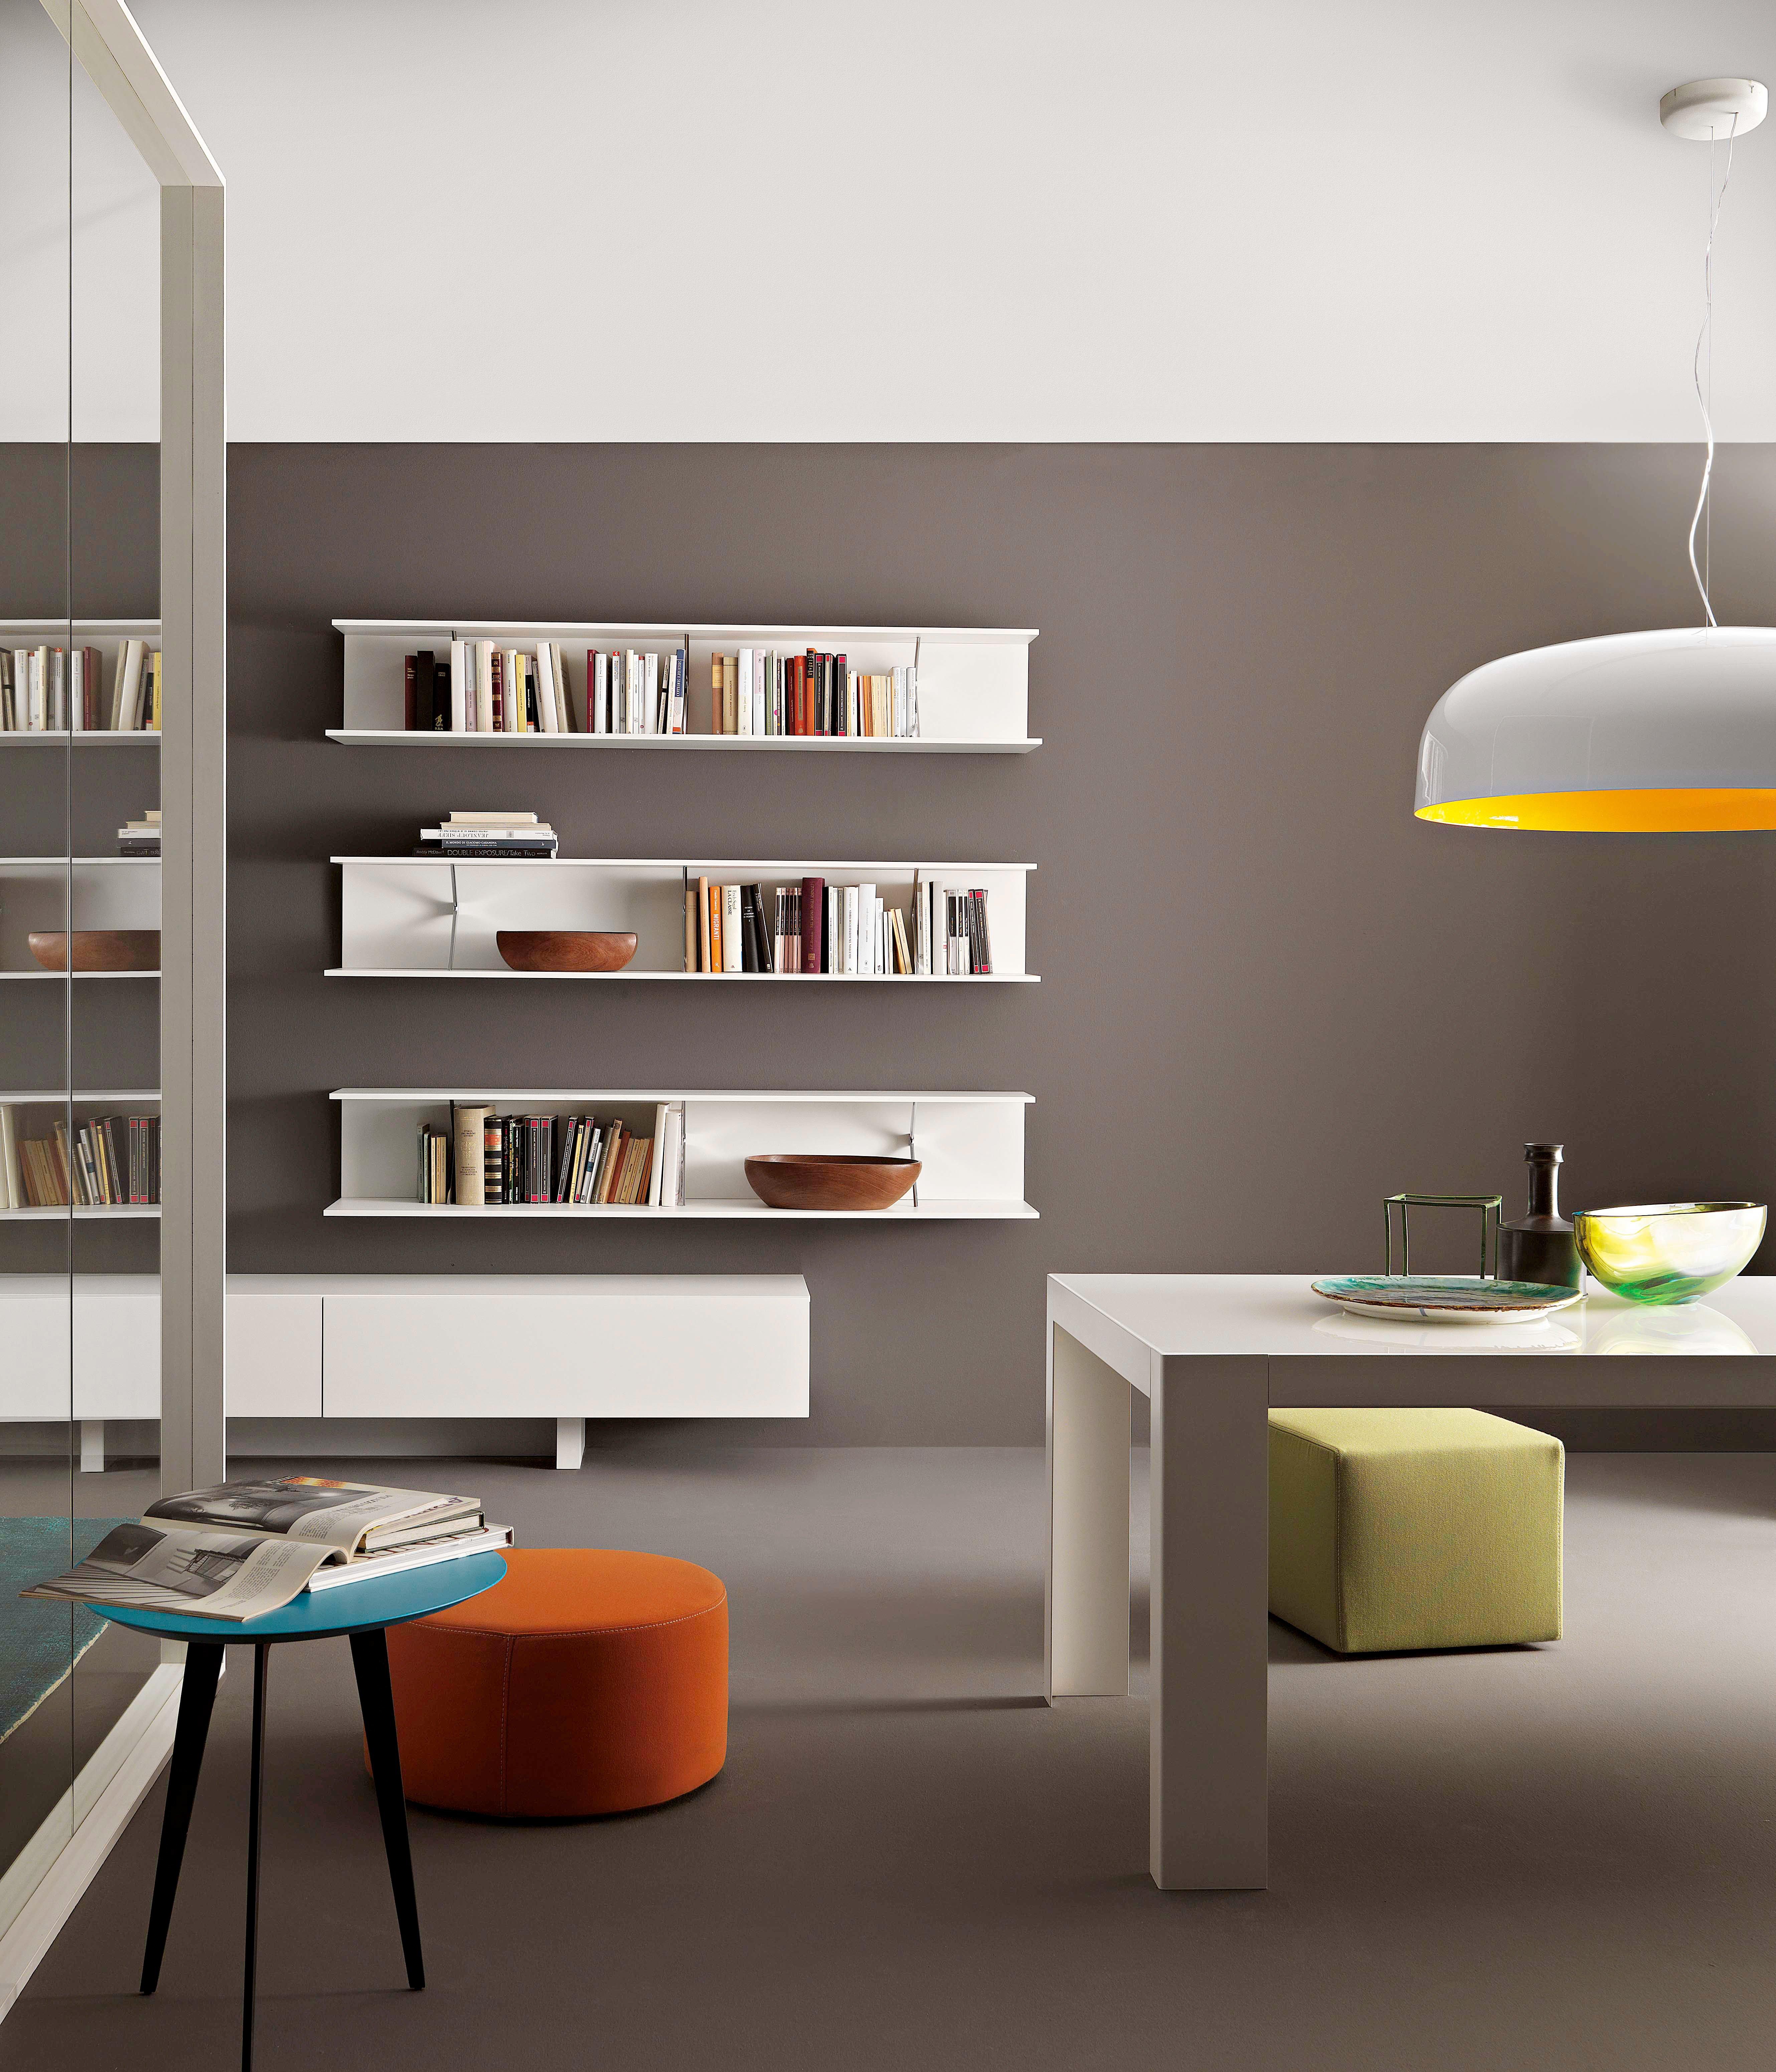 Lema mimi libreria cose di casa - Syntilor rinnova tutto speciale mobili ...